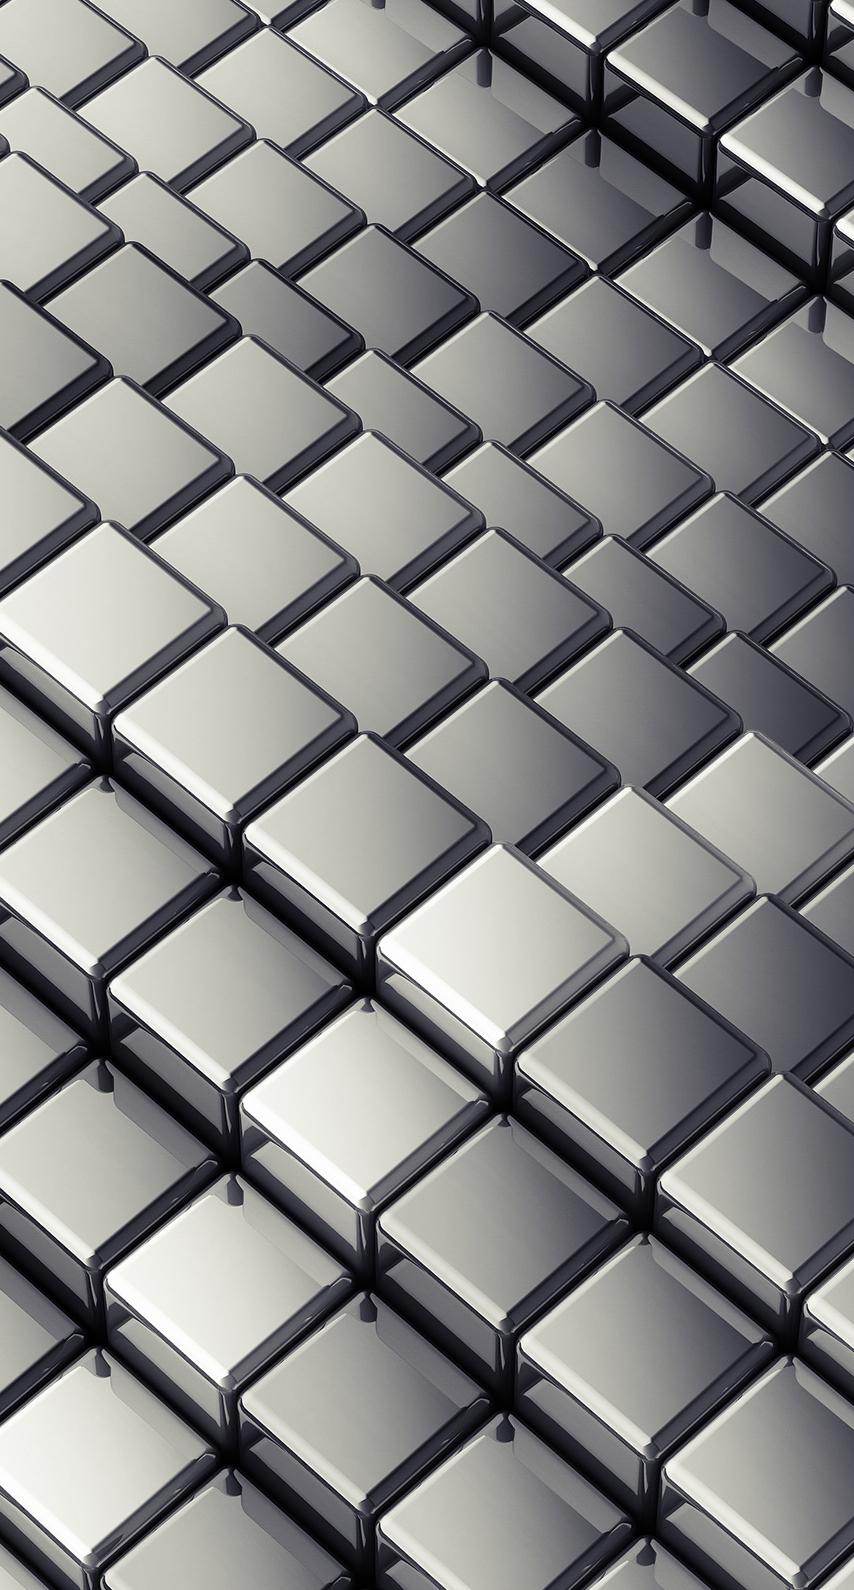 design, wallpaper, desktop, shape, net, square, aluminum, iron, steel, chrome, stainless steel